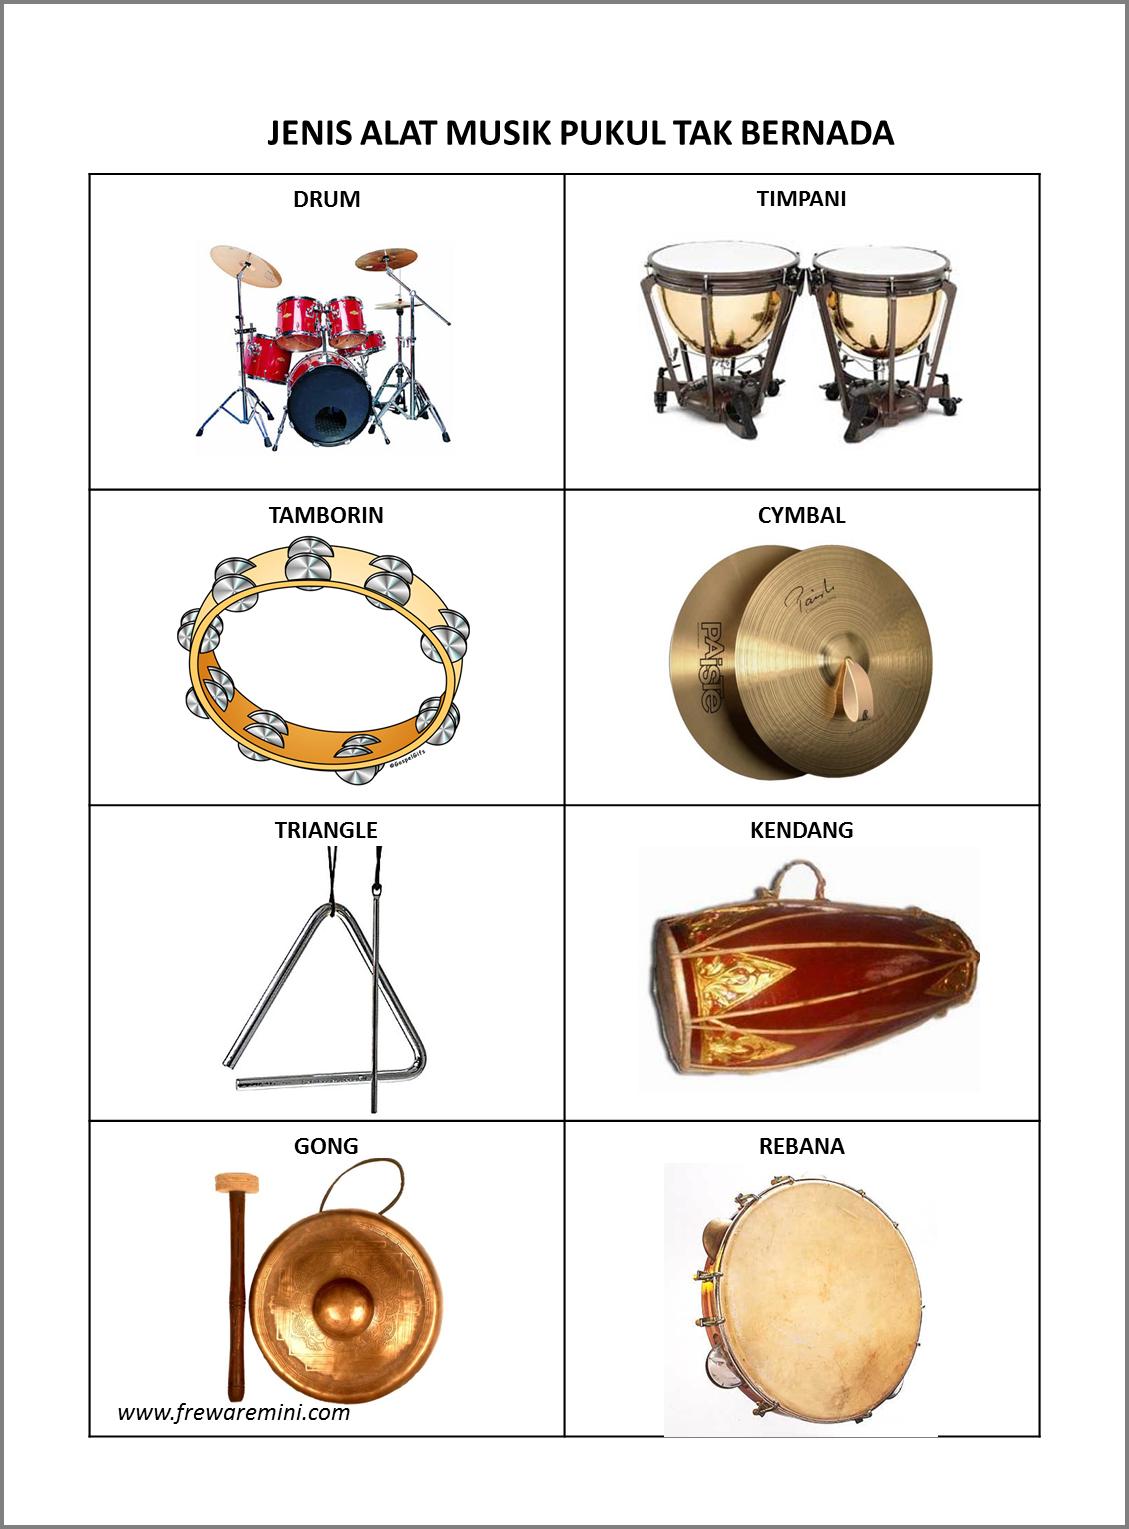 72 Gambar Alat Musik Pukul Kekinian